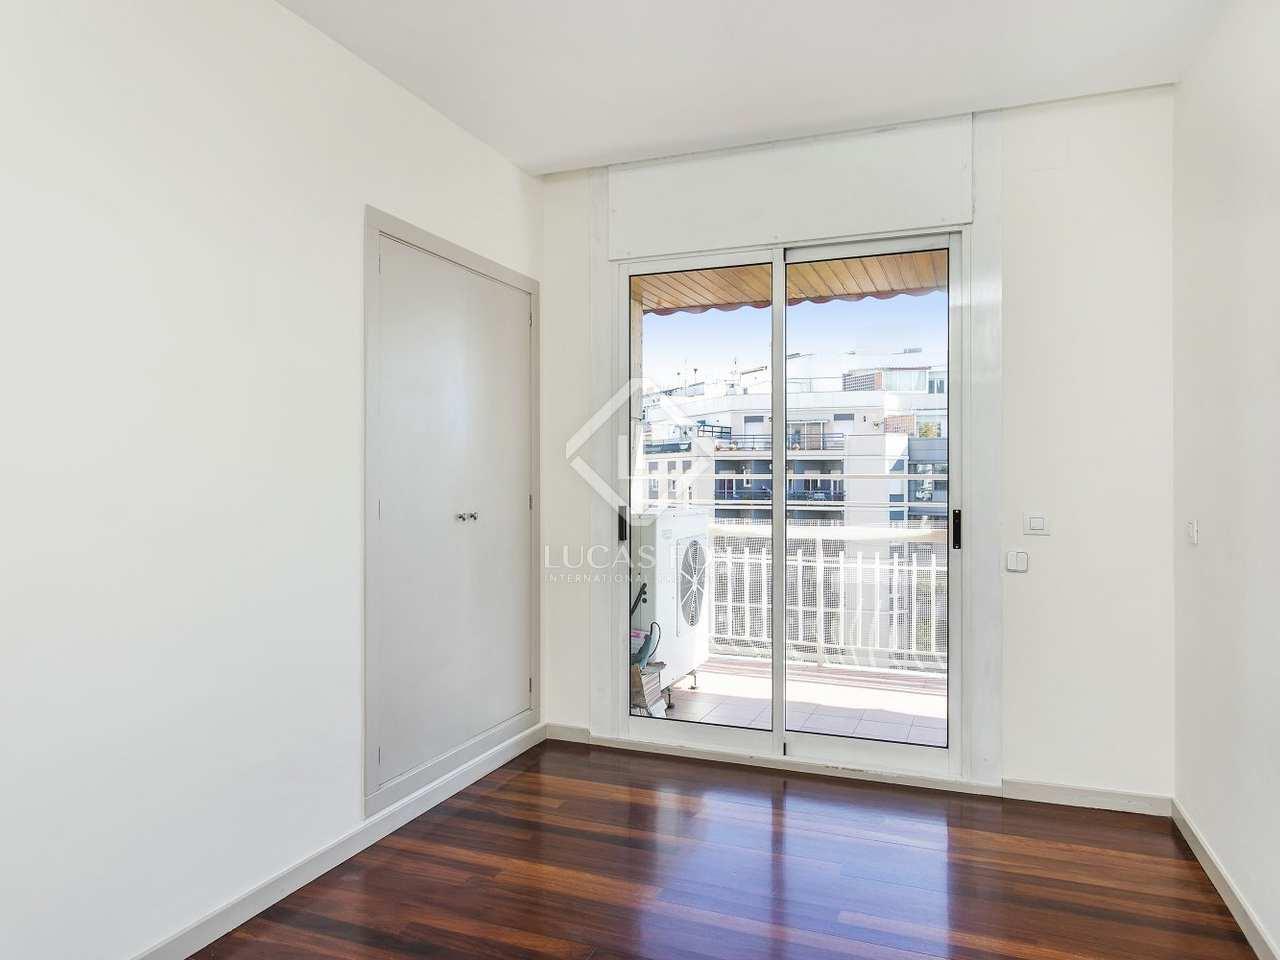 Apartamento de 120m en alquiler en el eixample derecho for Alquiler de dormitorios